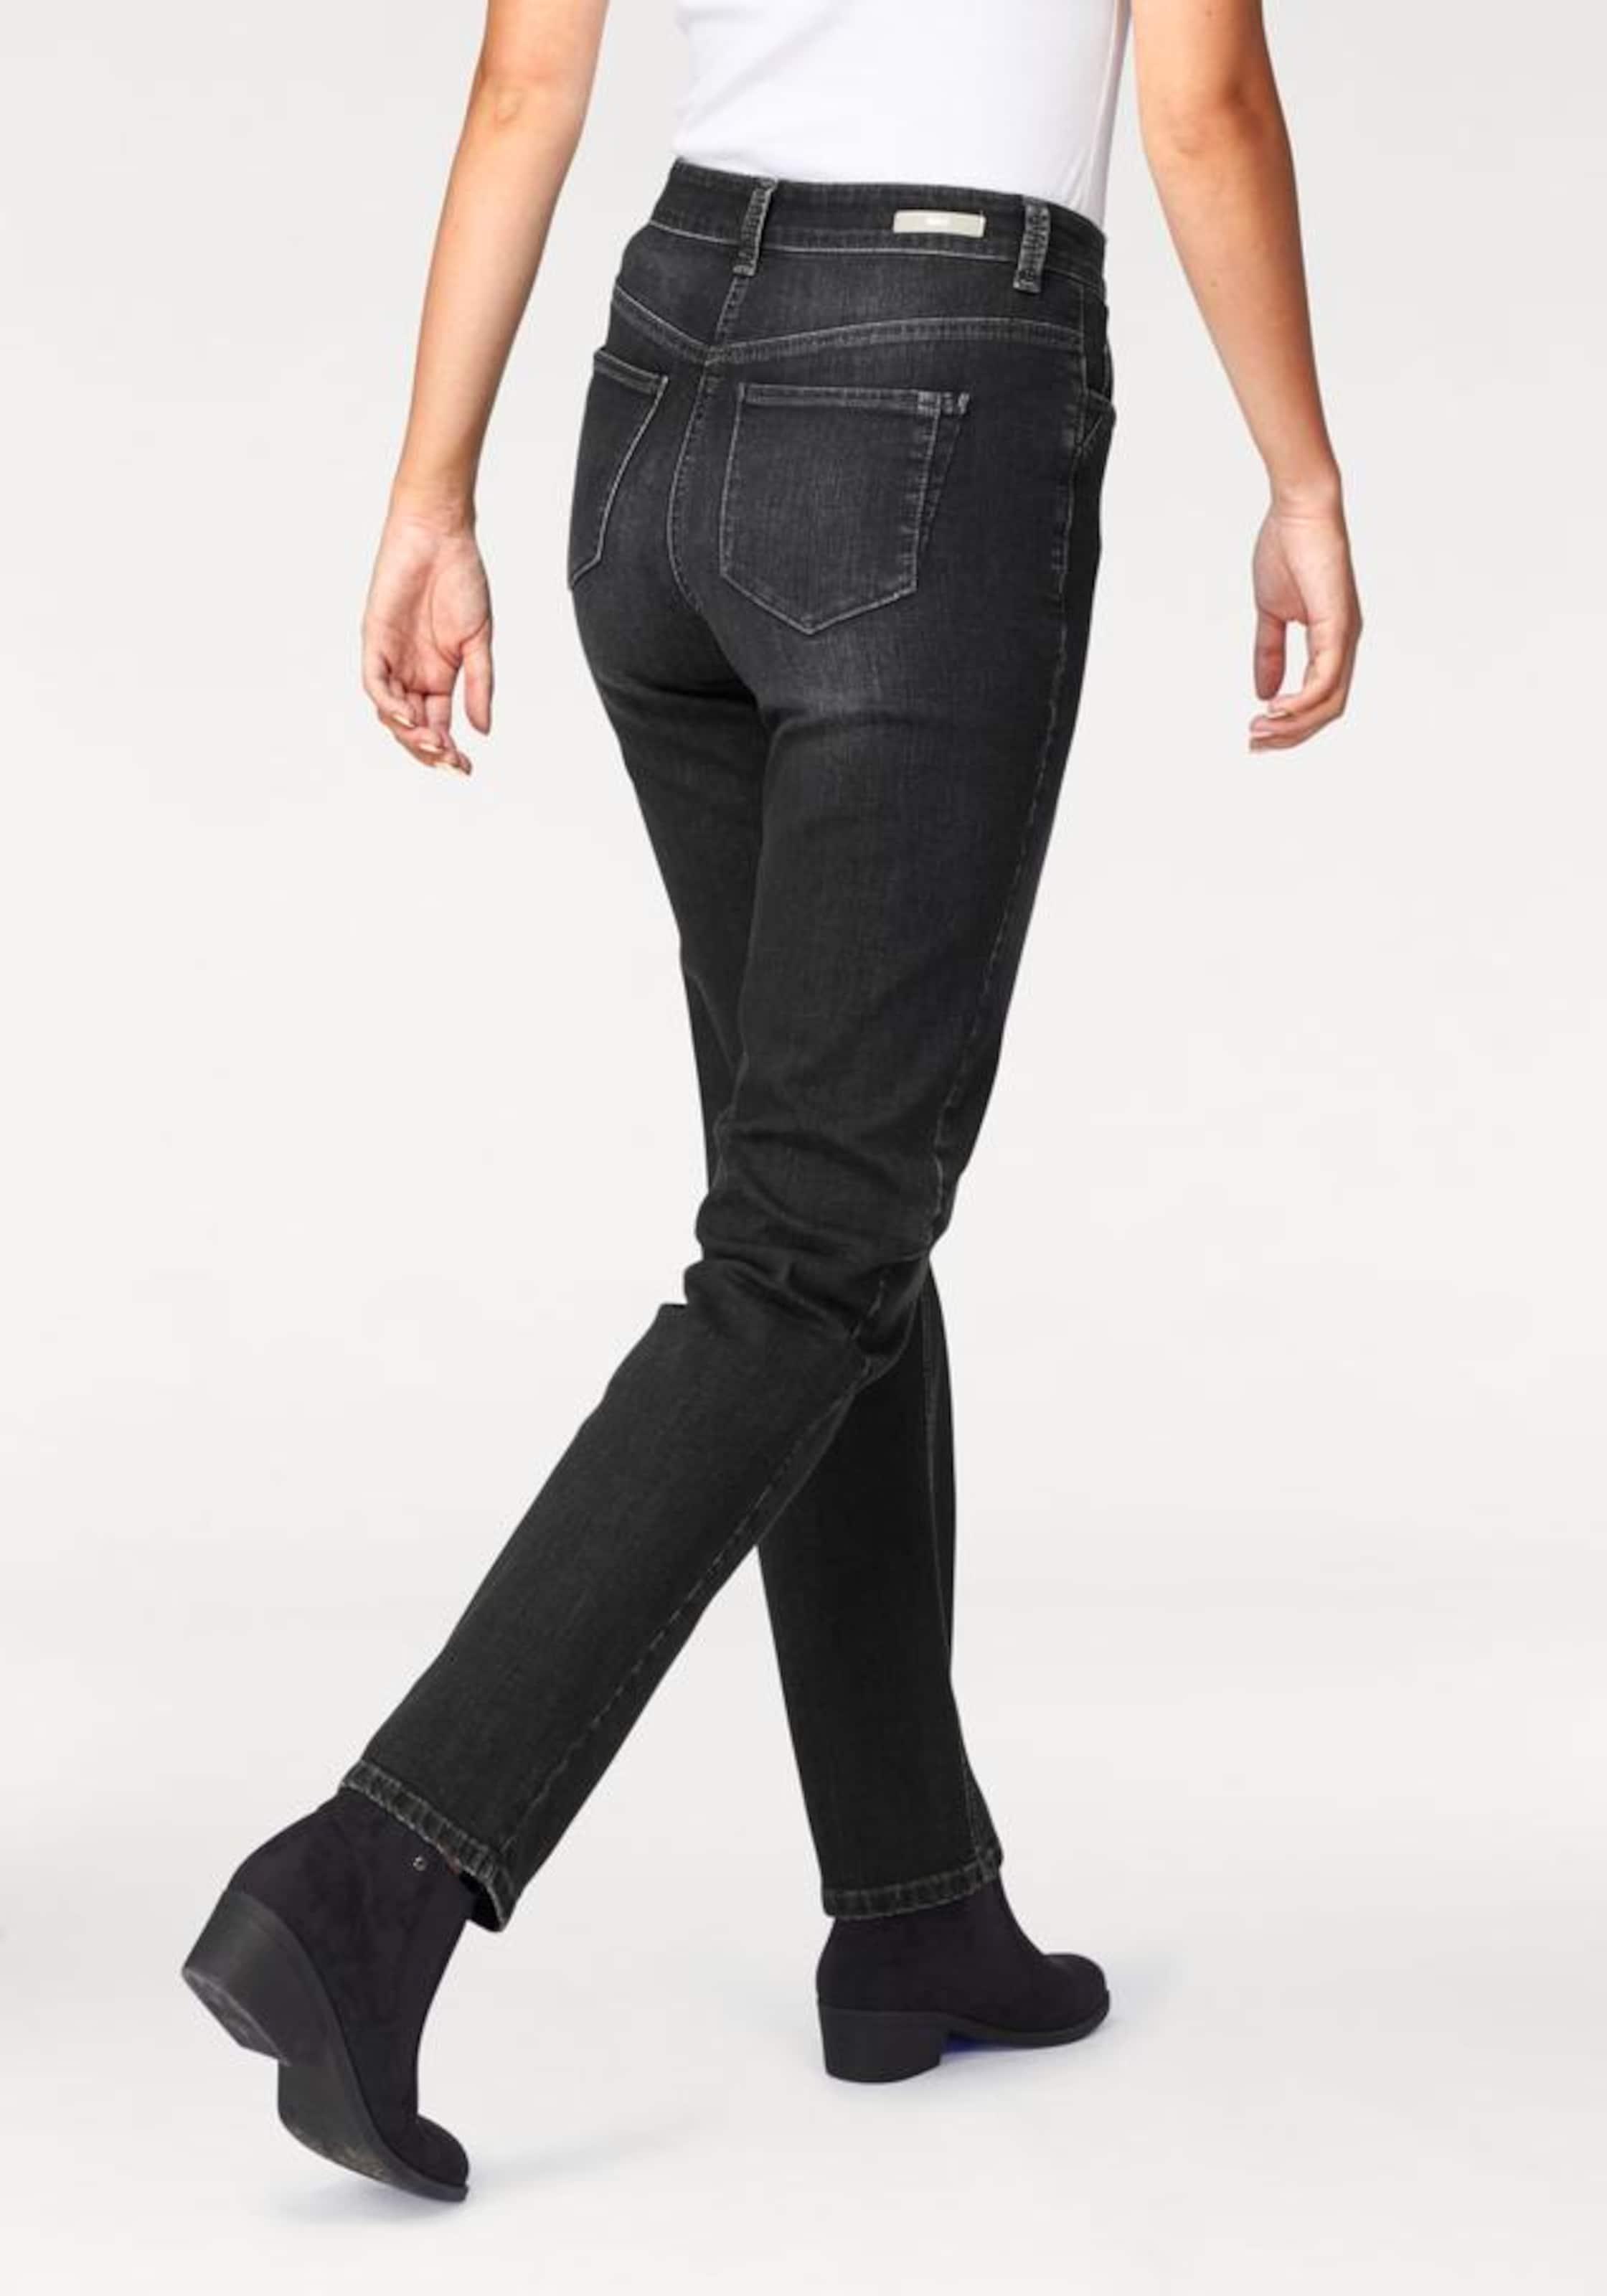 MAC Bequeme Jeans 'Stella Stitch' Spielraum 2018 Unisex Billig Verkauf Vermarktbare ldgaV